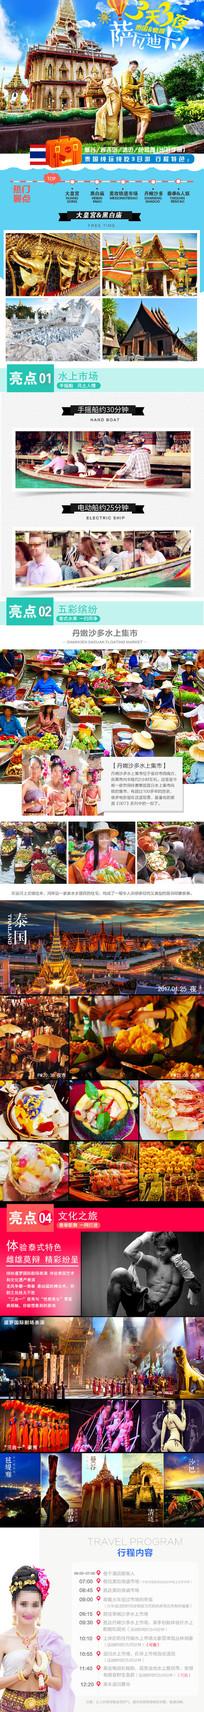 旅游泰国详情页模板 PSD